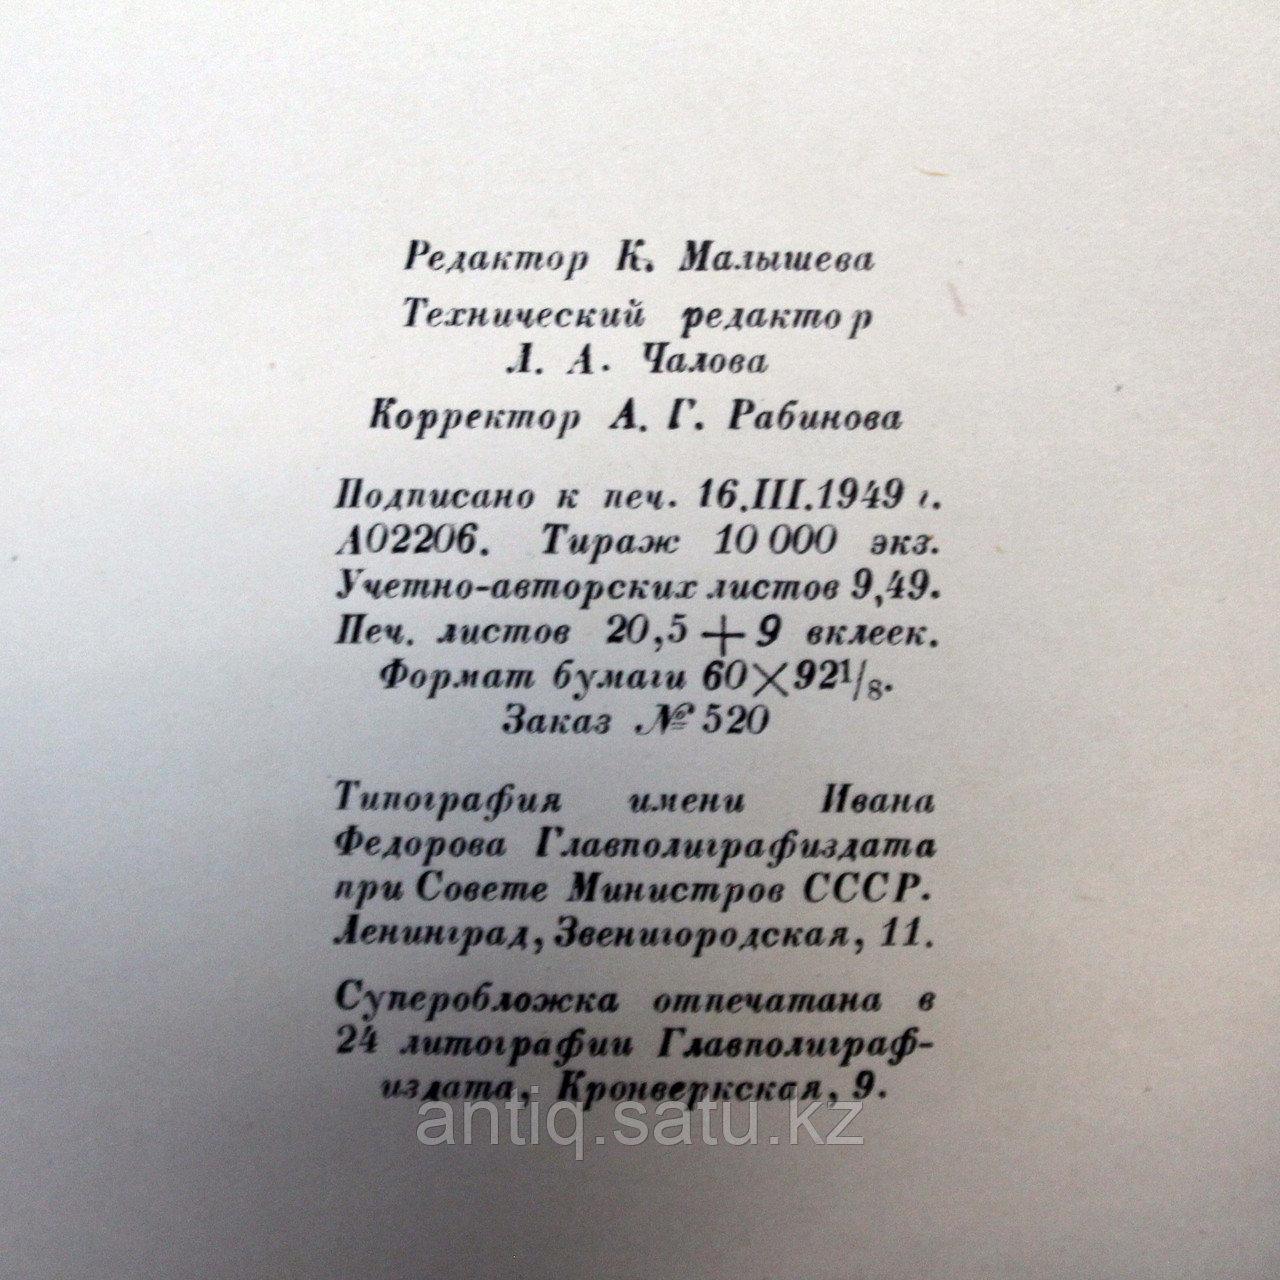 Л. Н. ТОЛСТОЙ. ПОВЕСТЬ «КАЗАКИ» Лев Николаевич Толстой (1828-1910). - фото 9